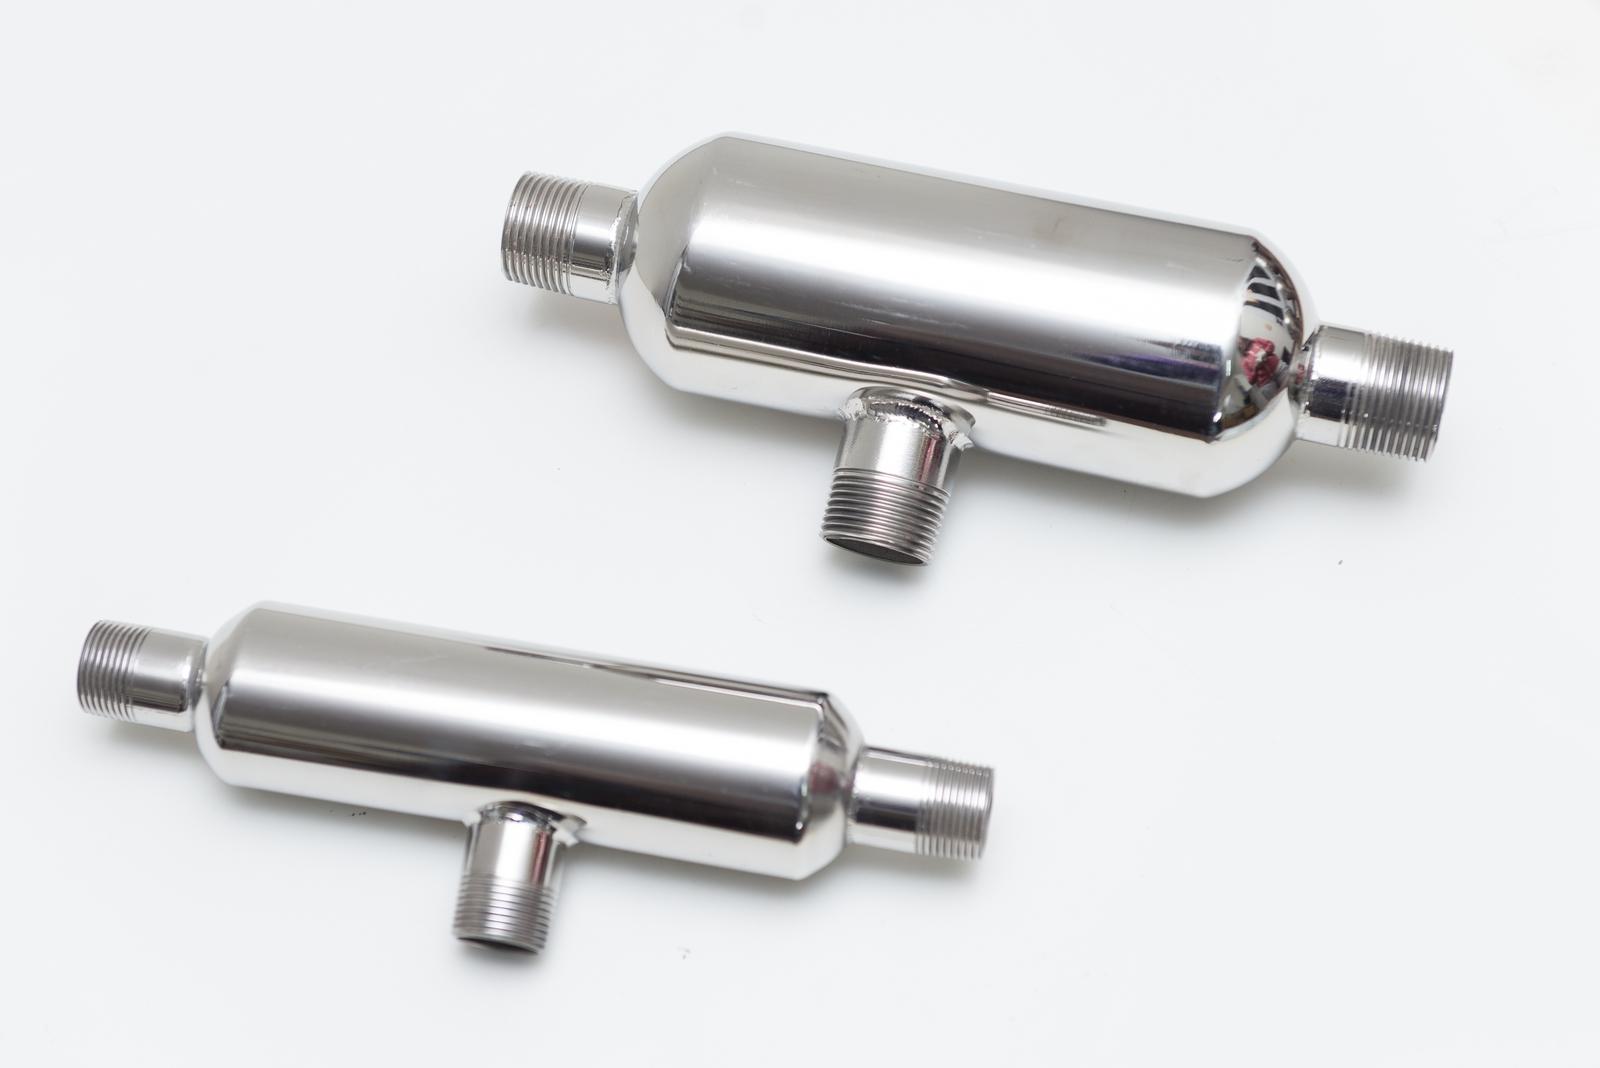 Mezcladores agua vapor de acero inoxidable